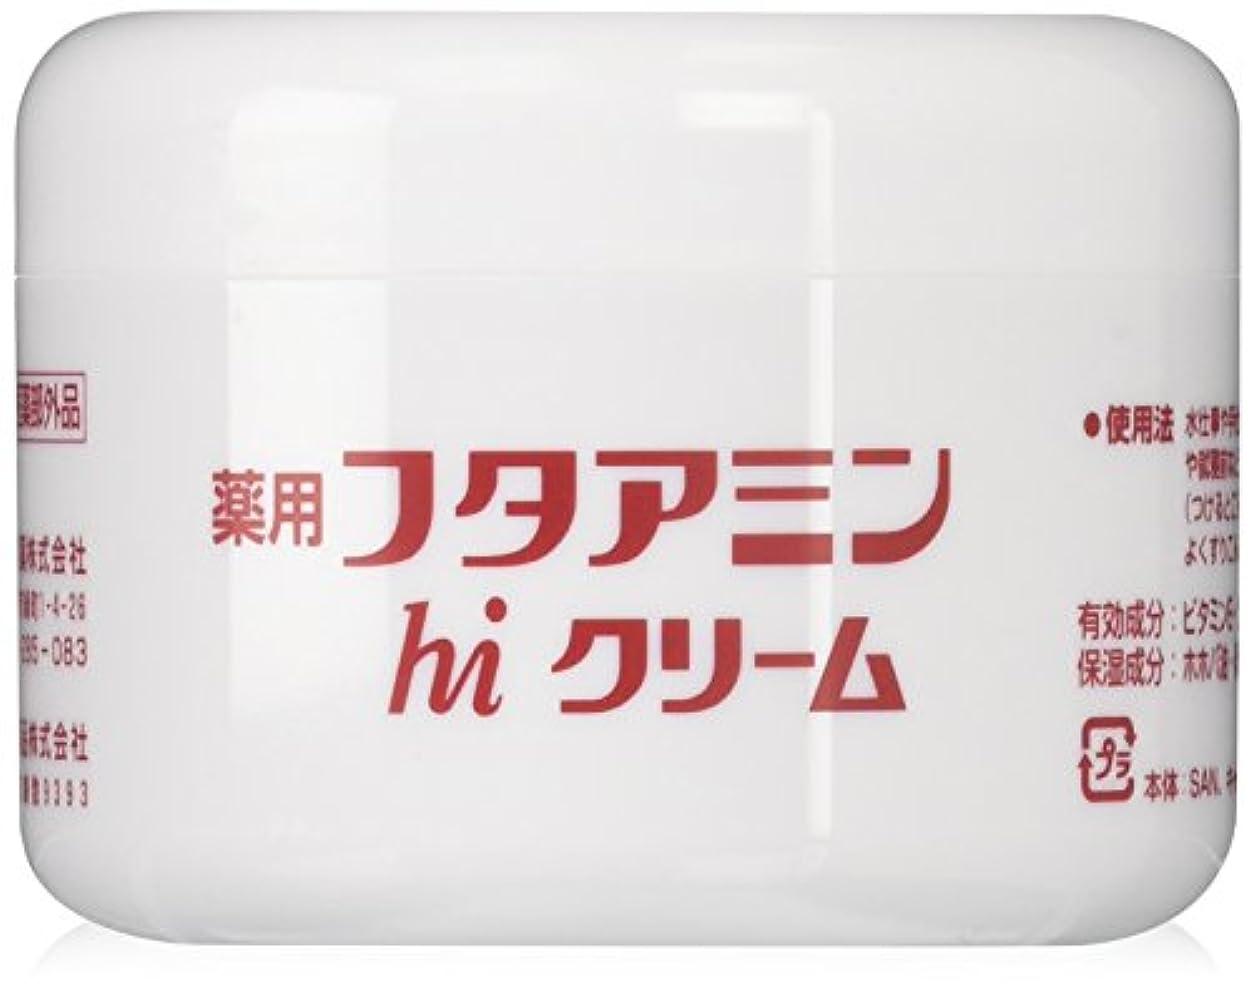 影響サービス回る薬用 フタアミンhiクリーム 130g  3個セット 3gサンプル2個付